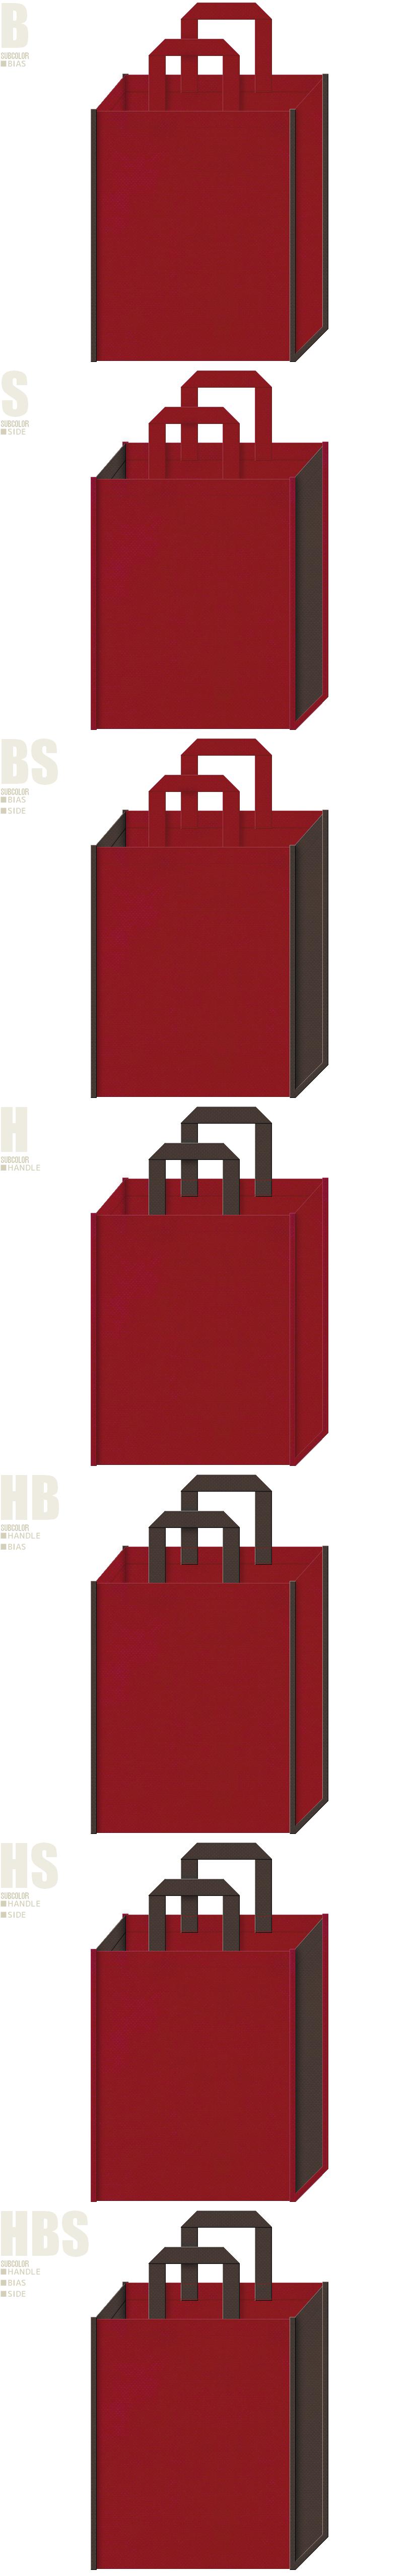 音楽・舞踏会・クラッシック・邦楽・演奏会・楽器・コンサートにお奨めの不織布バッグデザイン:エンジ色とこげ茶色の配色7パターン